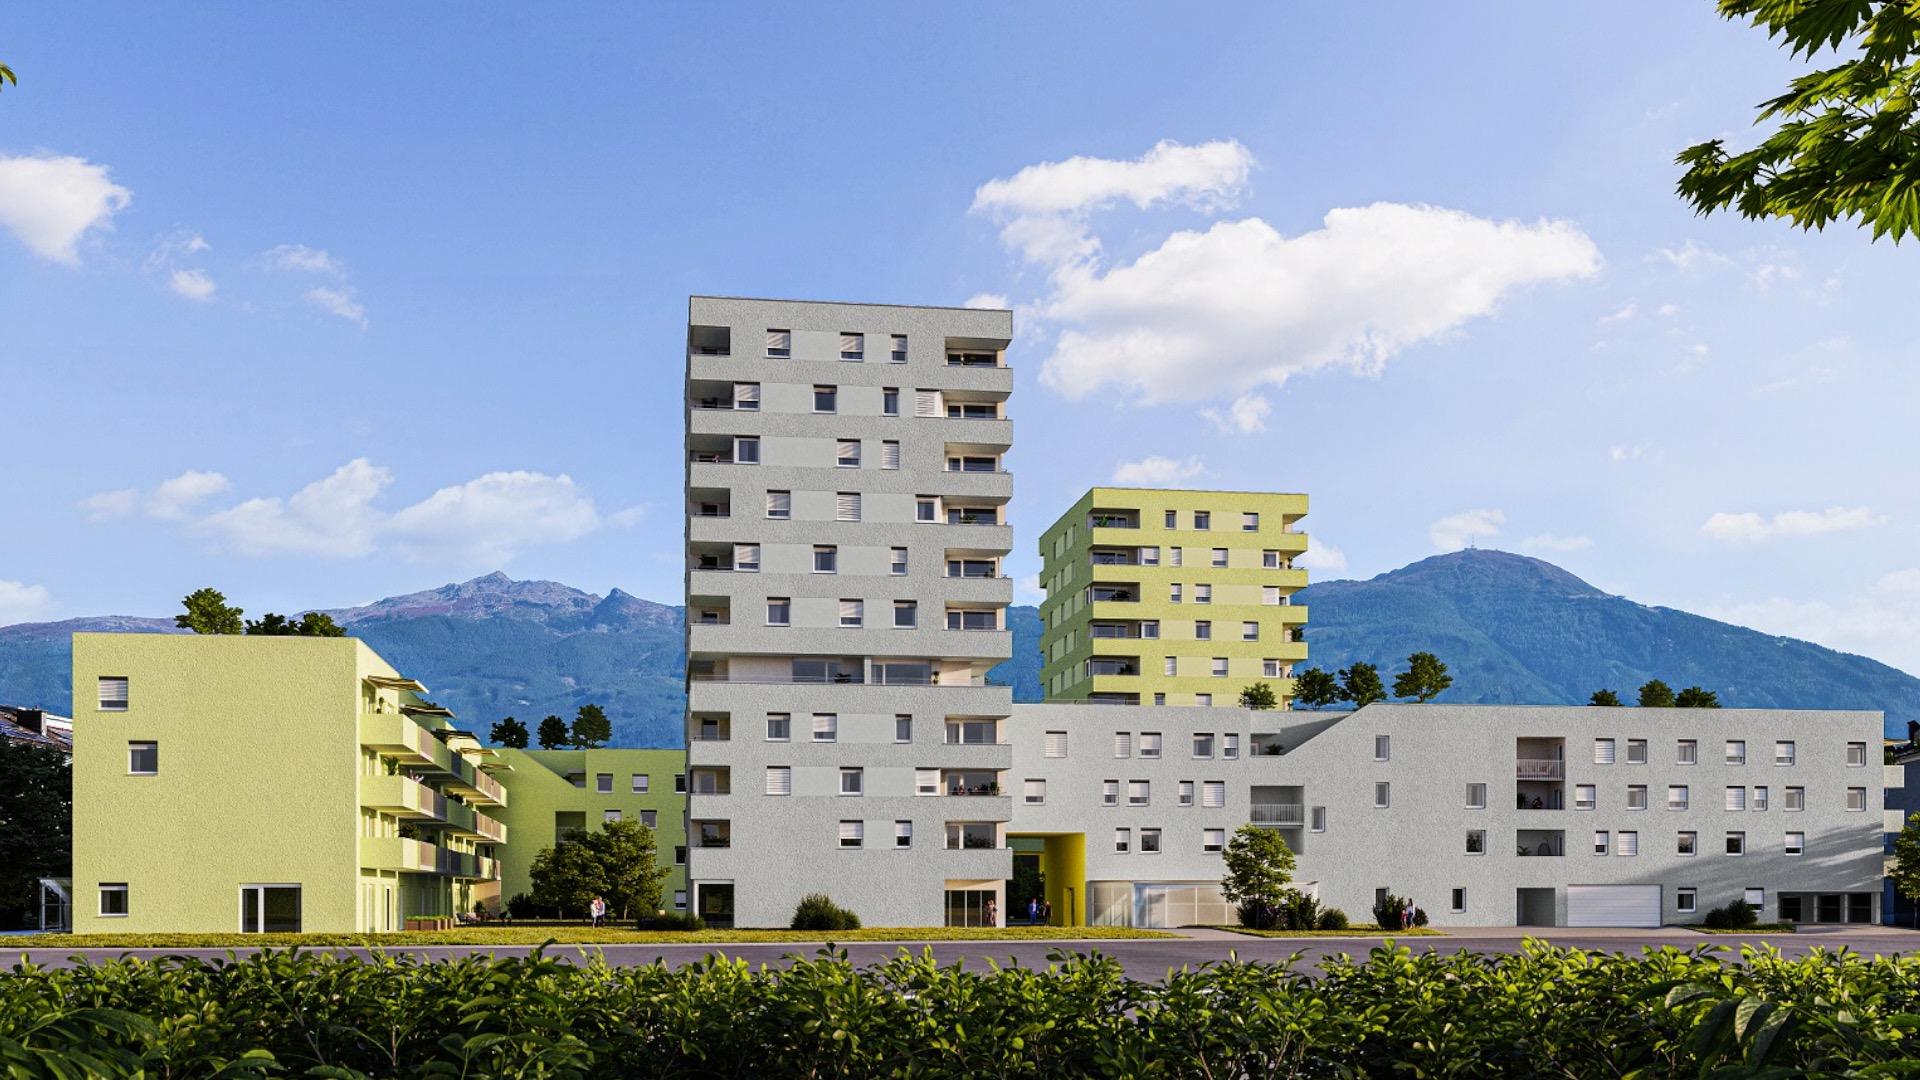 Leistbarer Wohnraum für Studierende in Innsbruck?